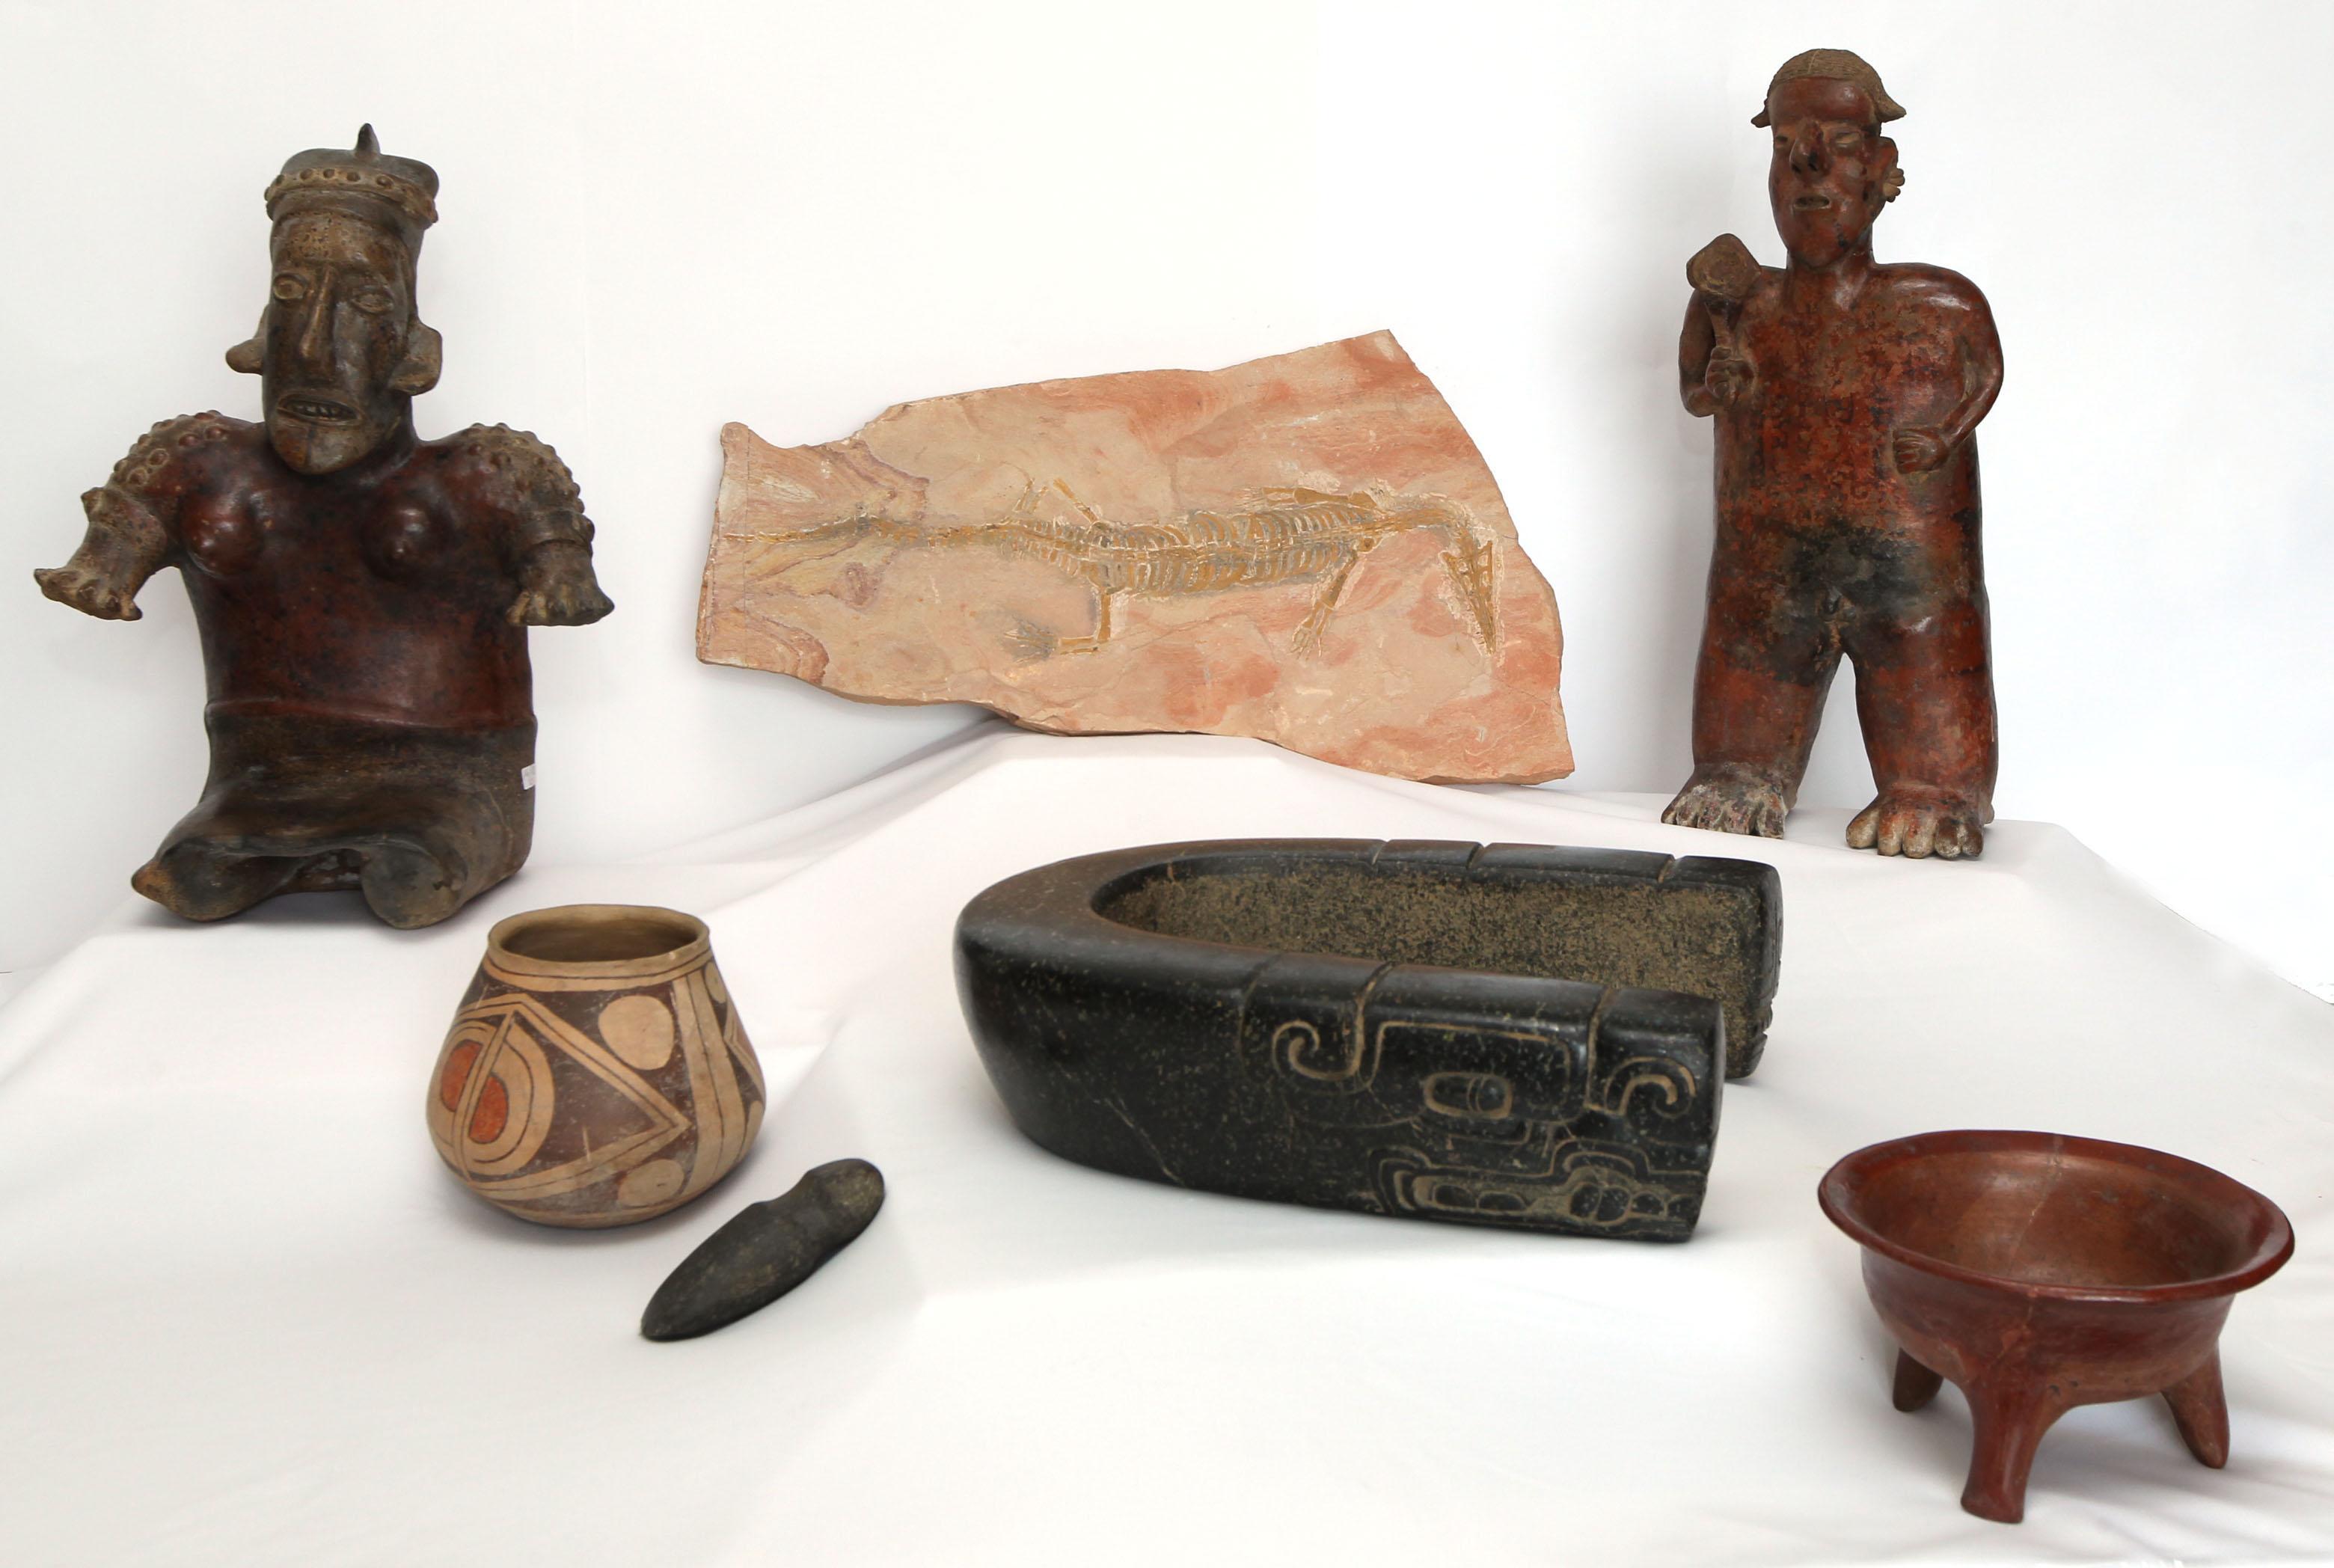 FOTO 5 M xico recupera piezas arqueol gicas y un f sil tras repatriaciones desde seis pa sesjpg